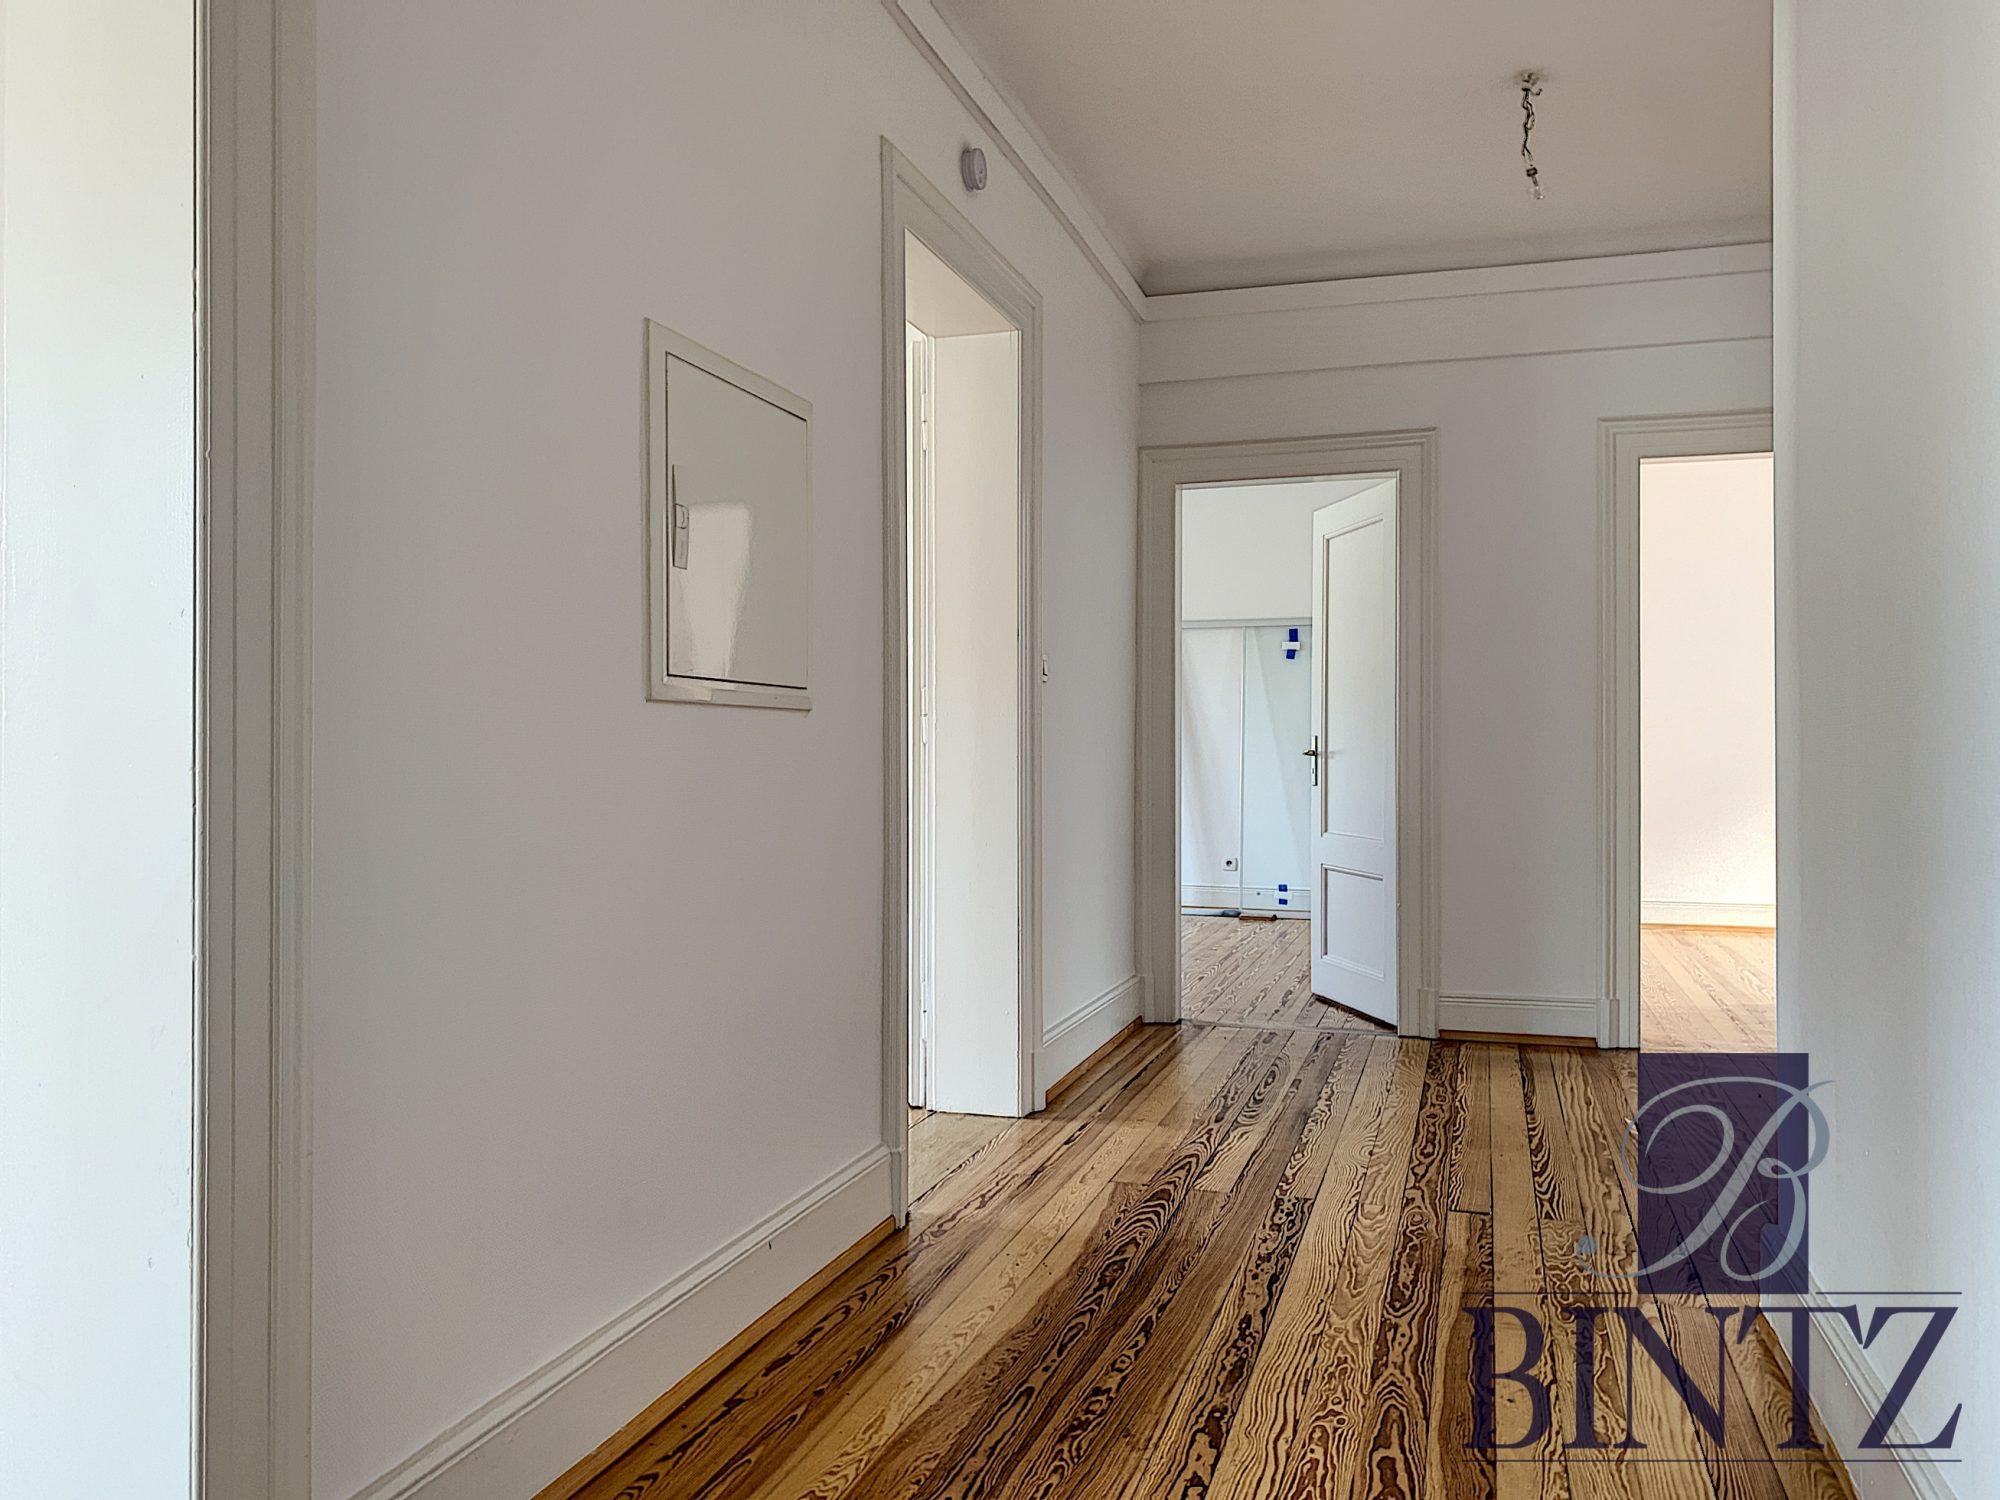 GRAND 4 PIÈCES RÉNOVÉ À NEUDORF - Devenez locataire en toute sérénité - Bintz Immobilier - 10